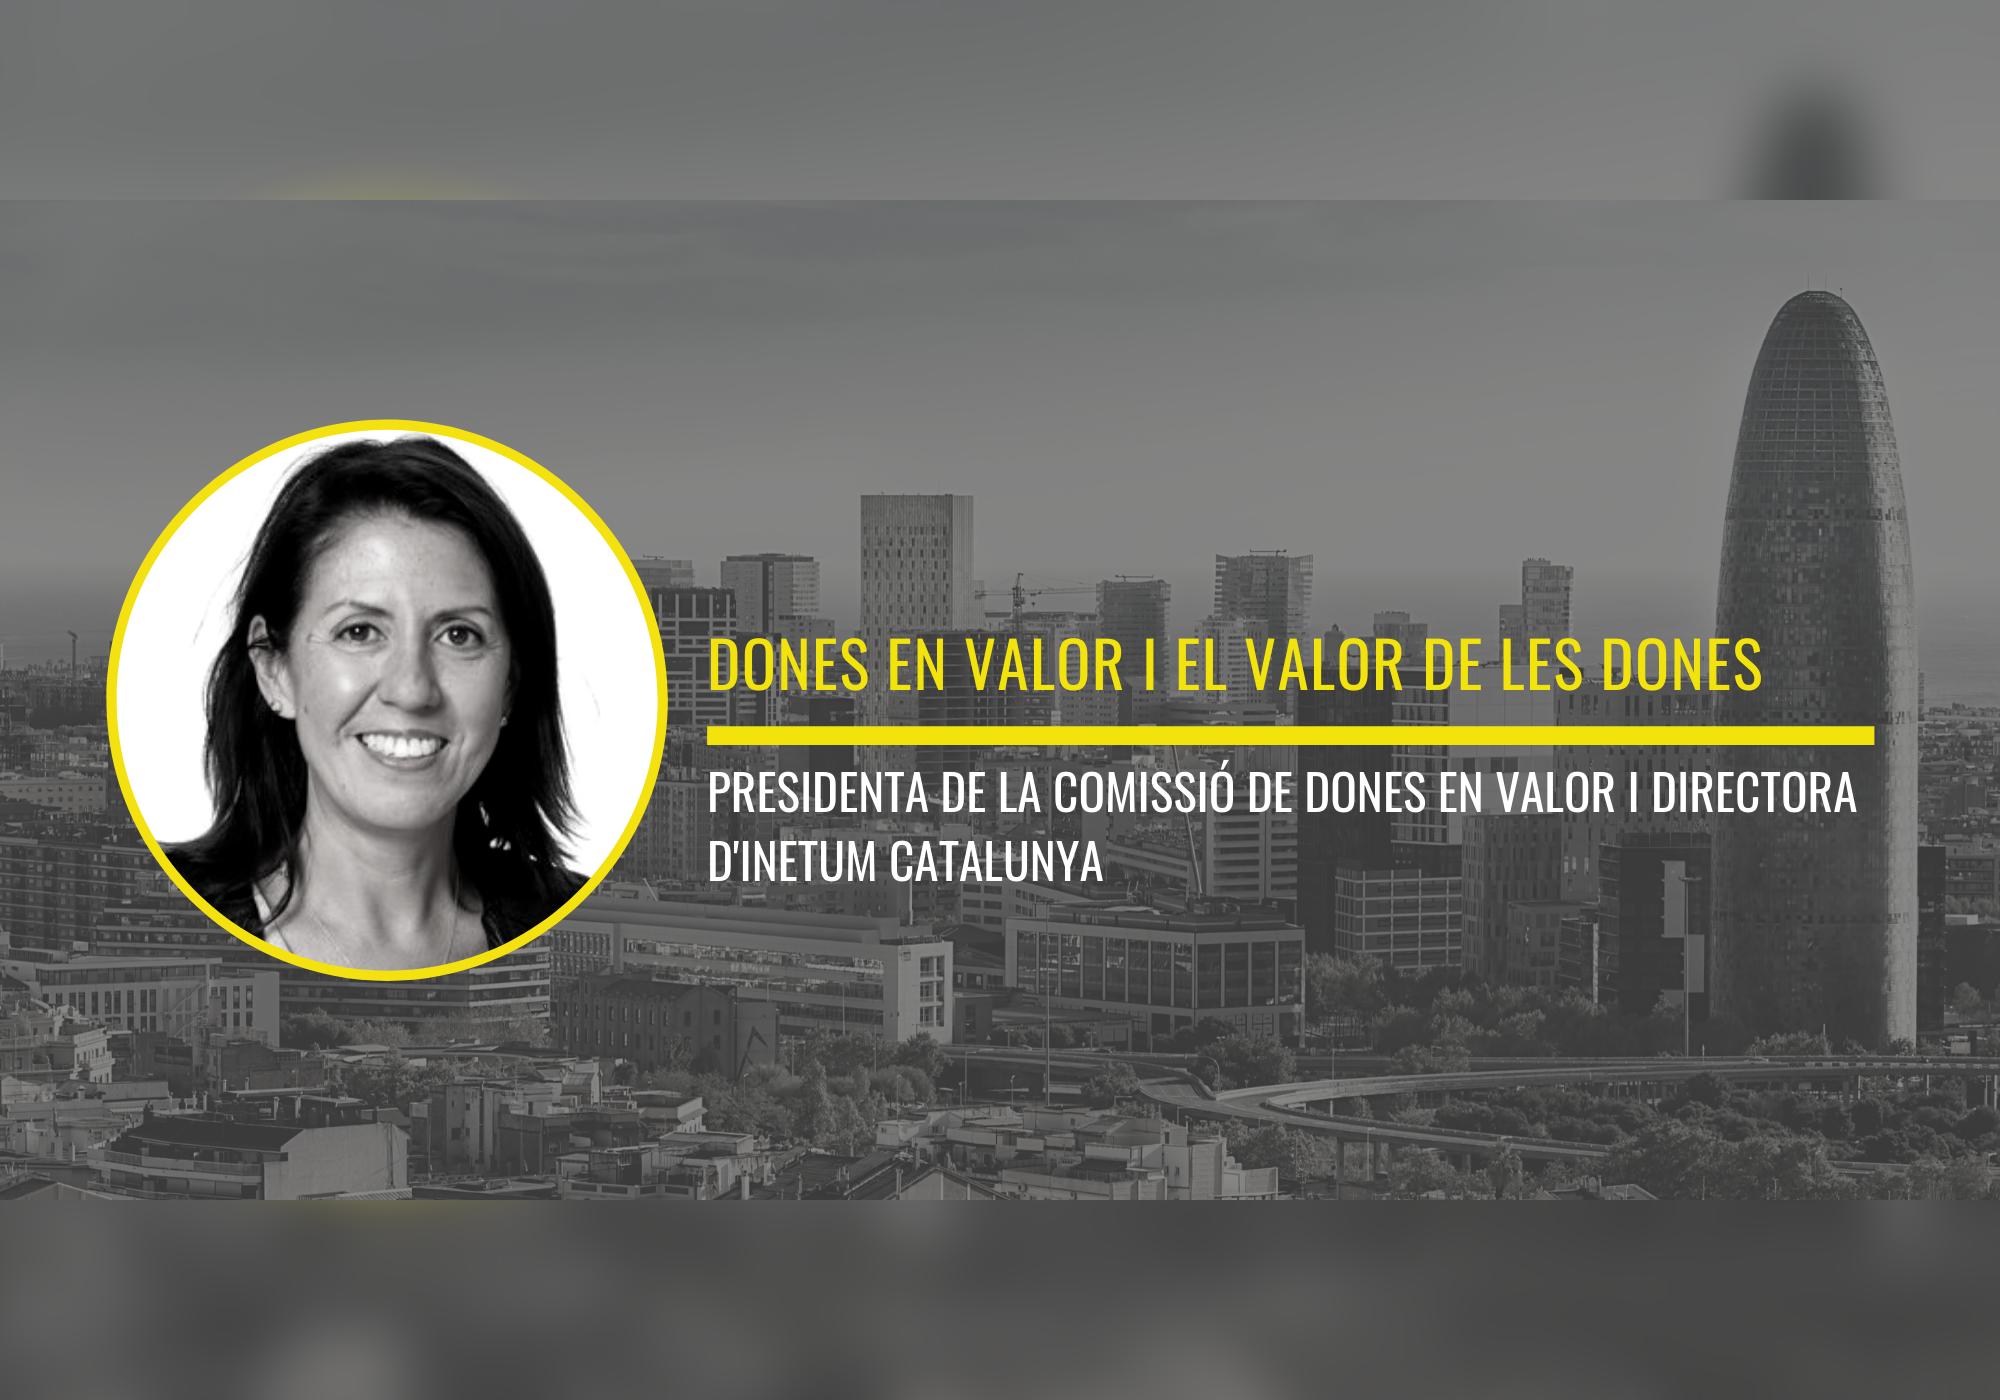 DONES EN VALOR I EL VALOR DE LES DONES by Susana Prado, Presidenta de la Comissió de Dones en valor